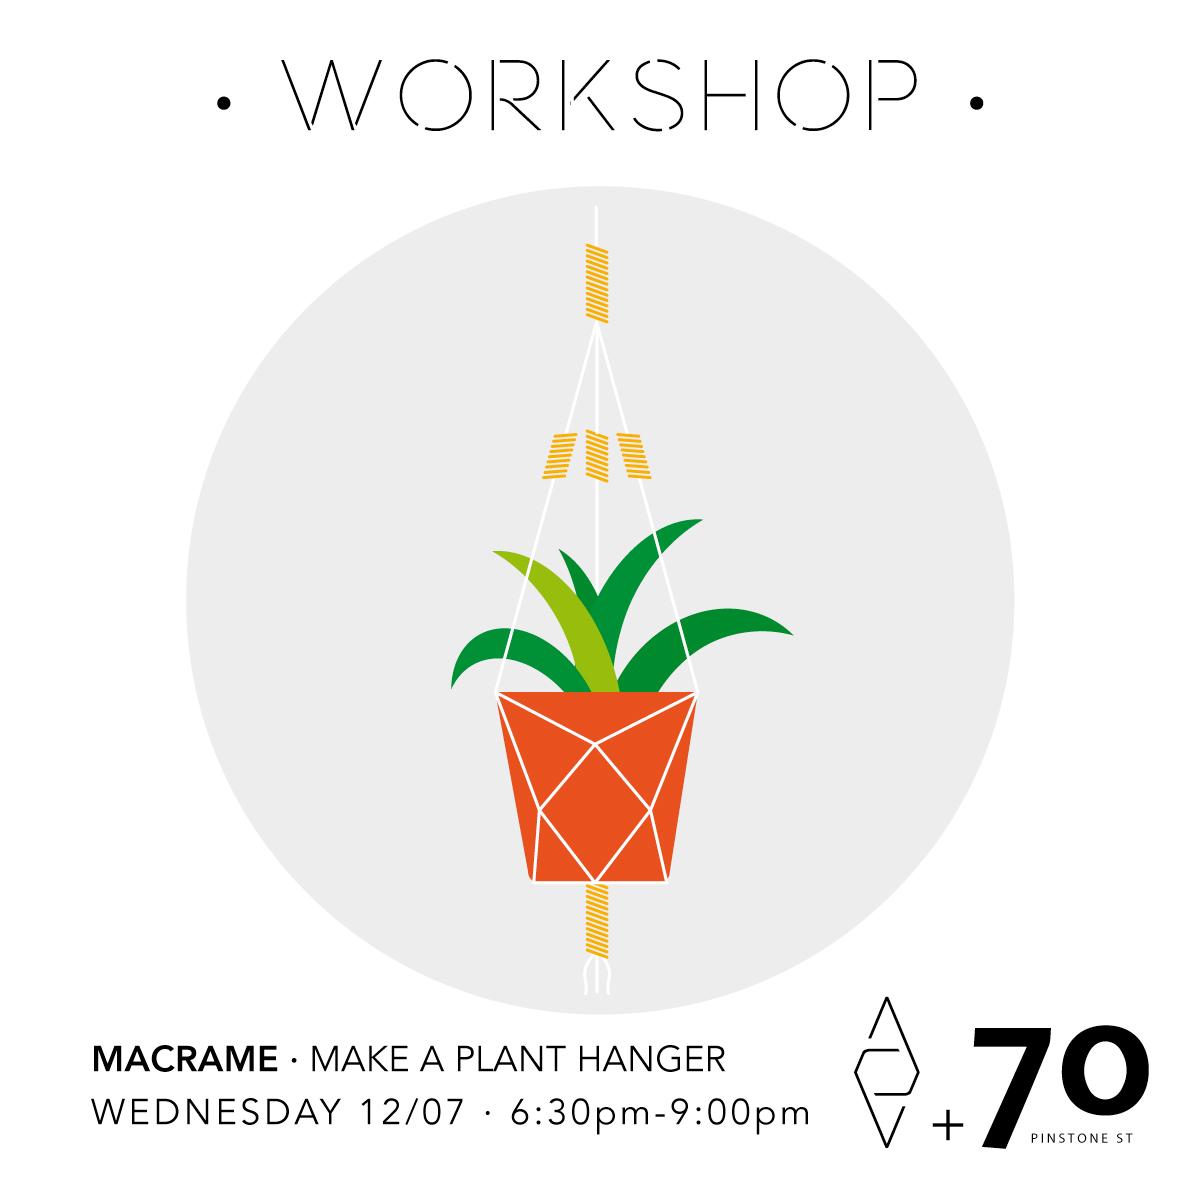 planthanger-workshop5.jpg